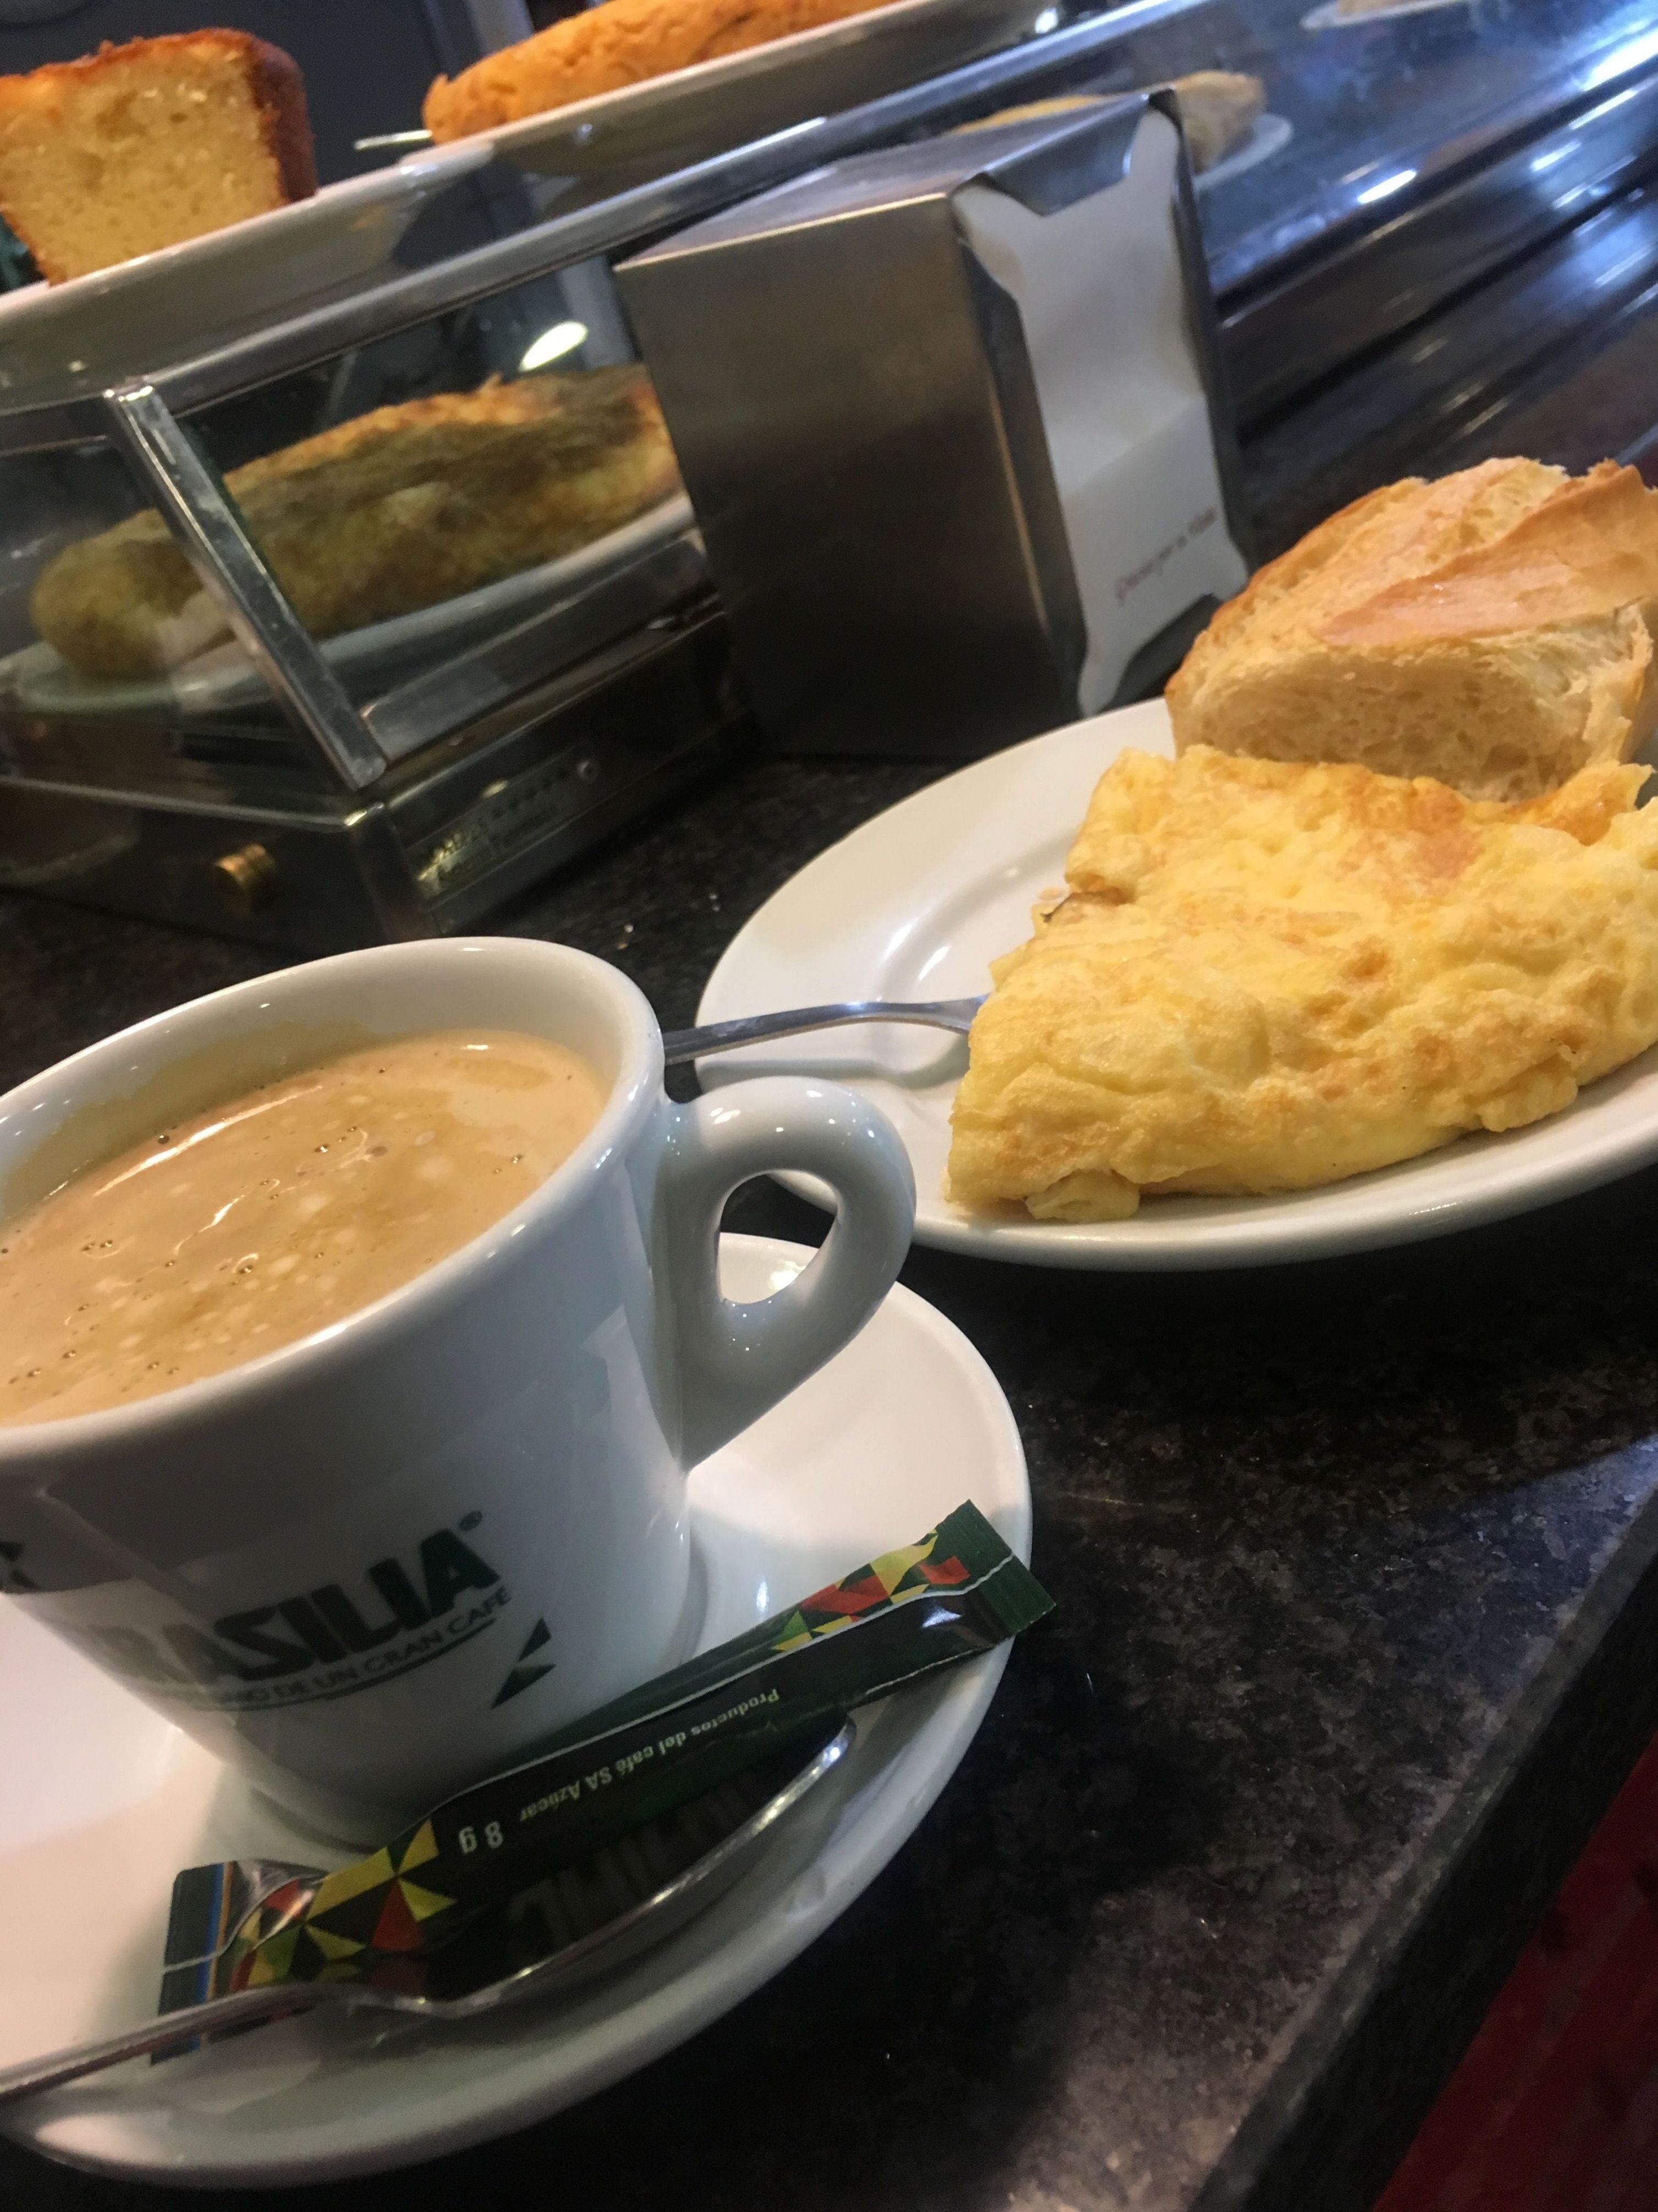 Desayuno cafe con pincho de tortilla. las tablas Madrid Telecinco restaurante cafetería las tablas desayuno barato